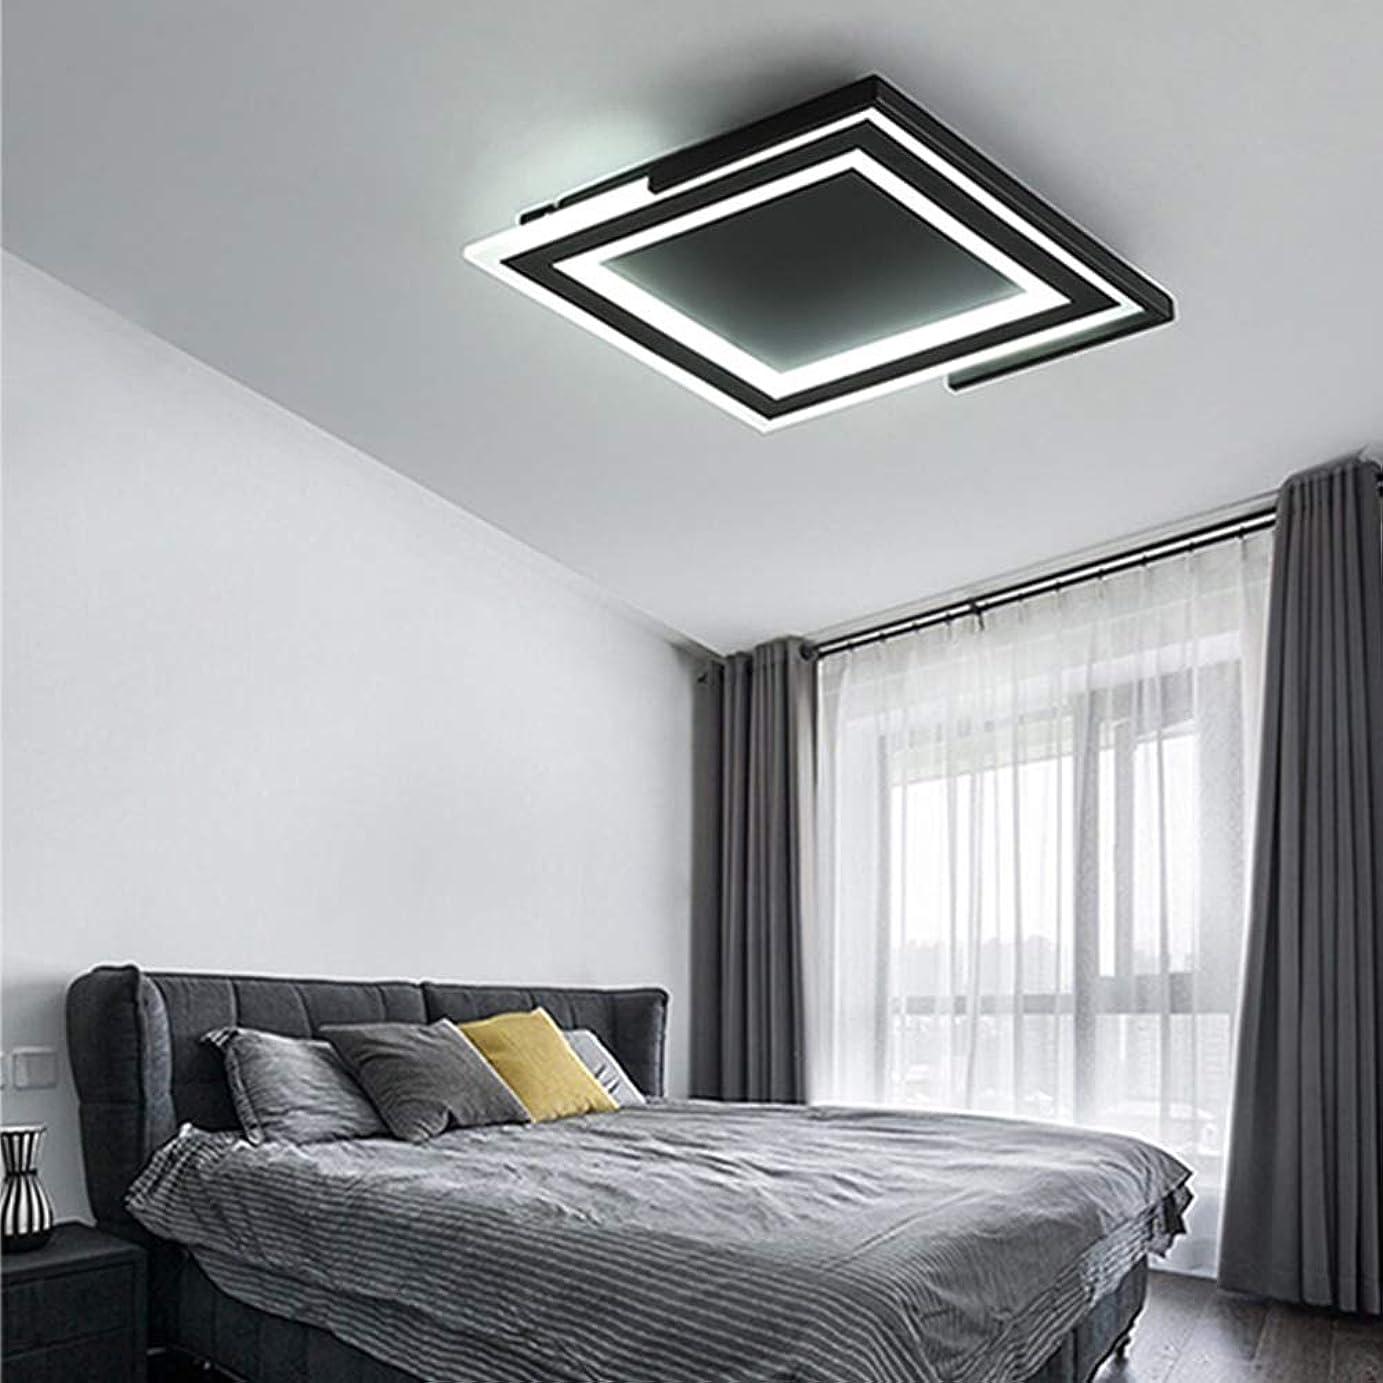 黄ばむジョイント保証金リビングルームLEDシーリングライトリモート調光モダン寝室研究室デコスクエアLEDシャンデリア備品,ColdLight,63Wblack